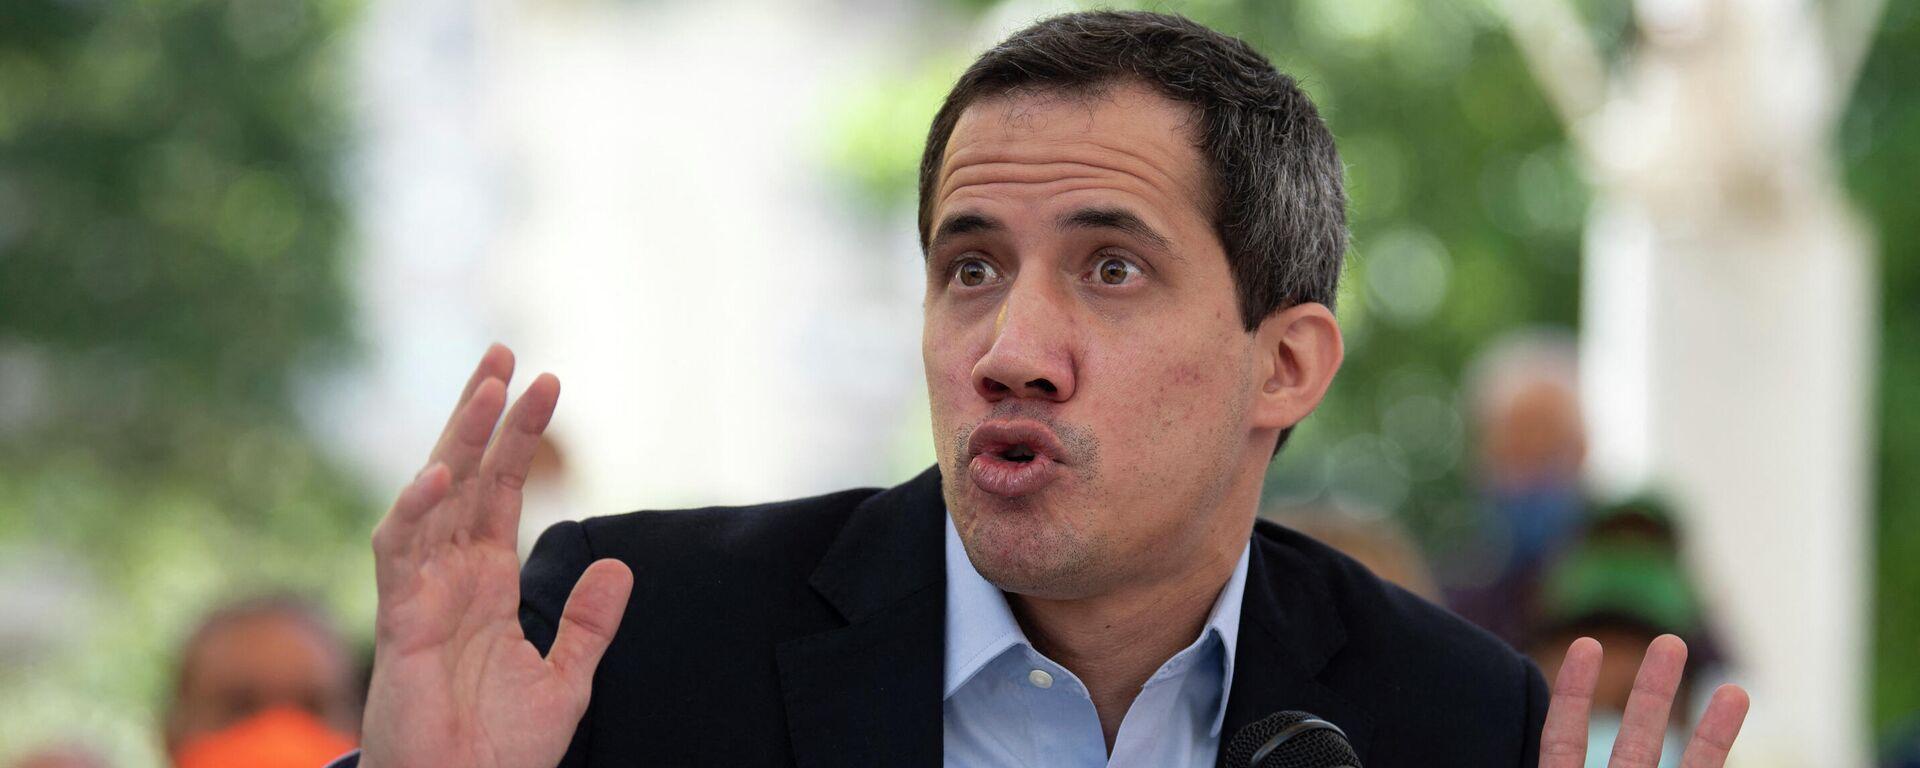 Juan Guaido durante una conferencia de prensa  en Caracas. 3 de marzo de 2021 - Sputnik Mundo, 1920, 14.05.2021